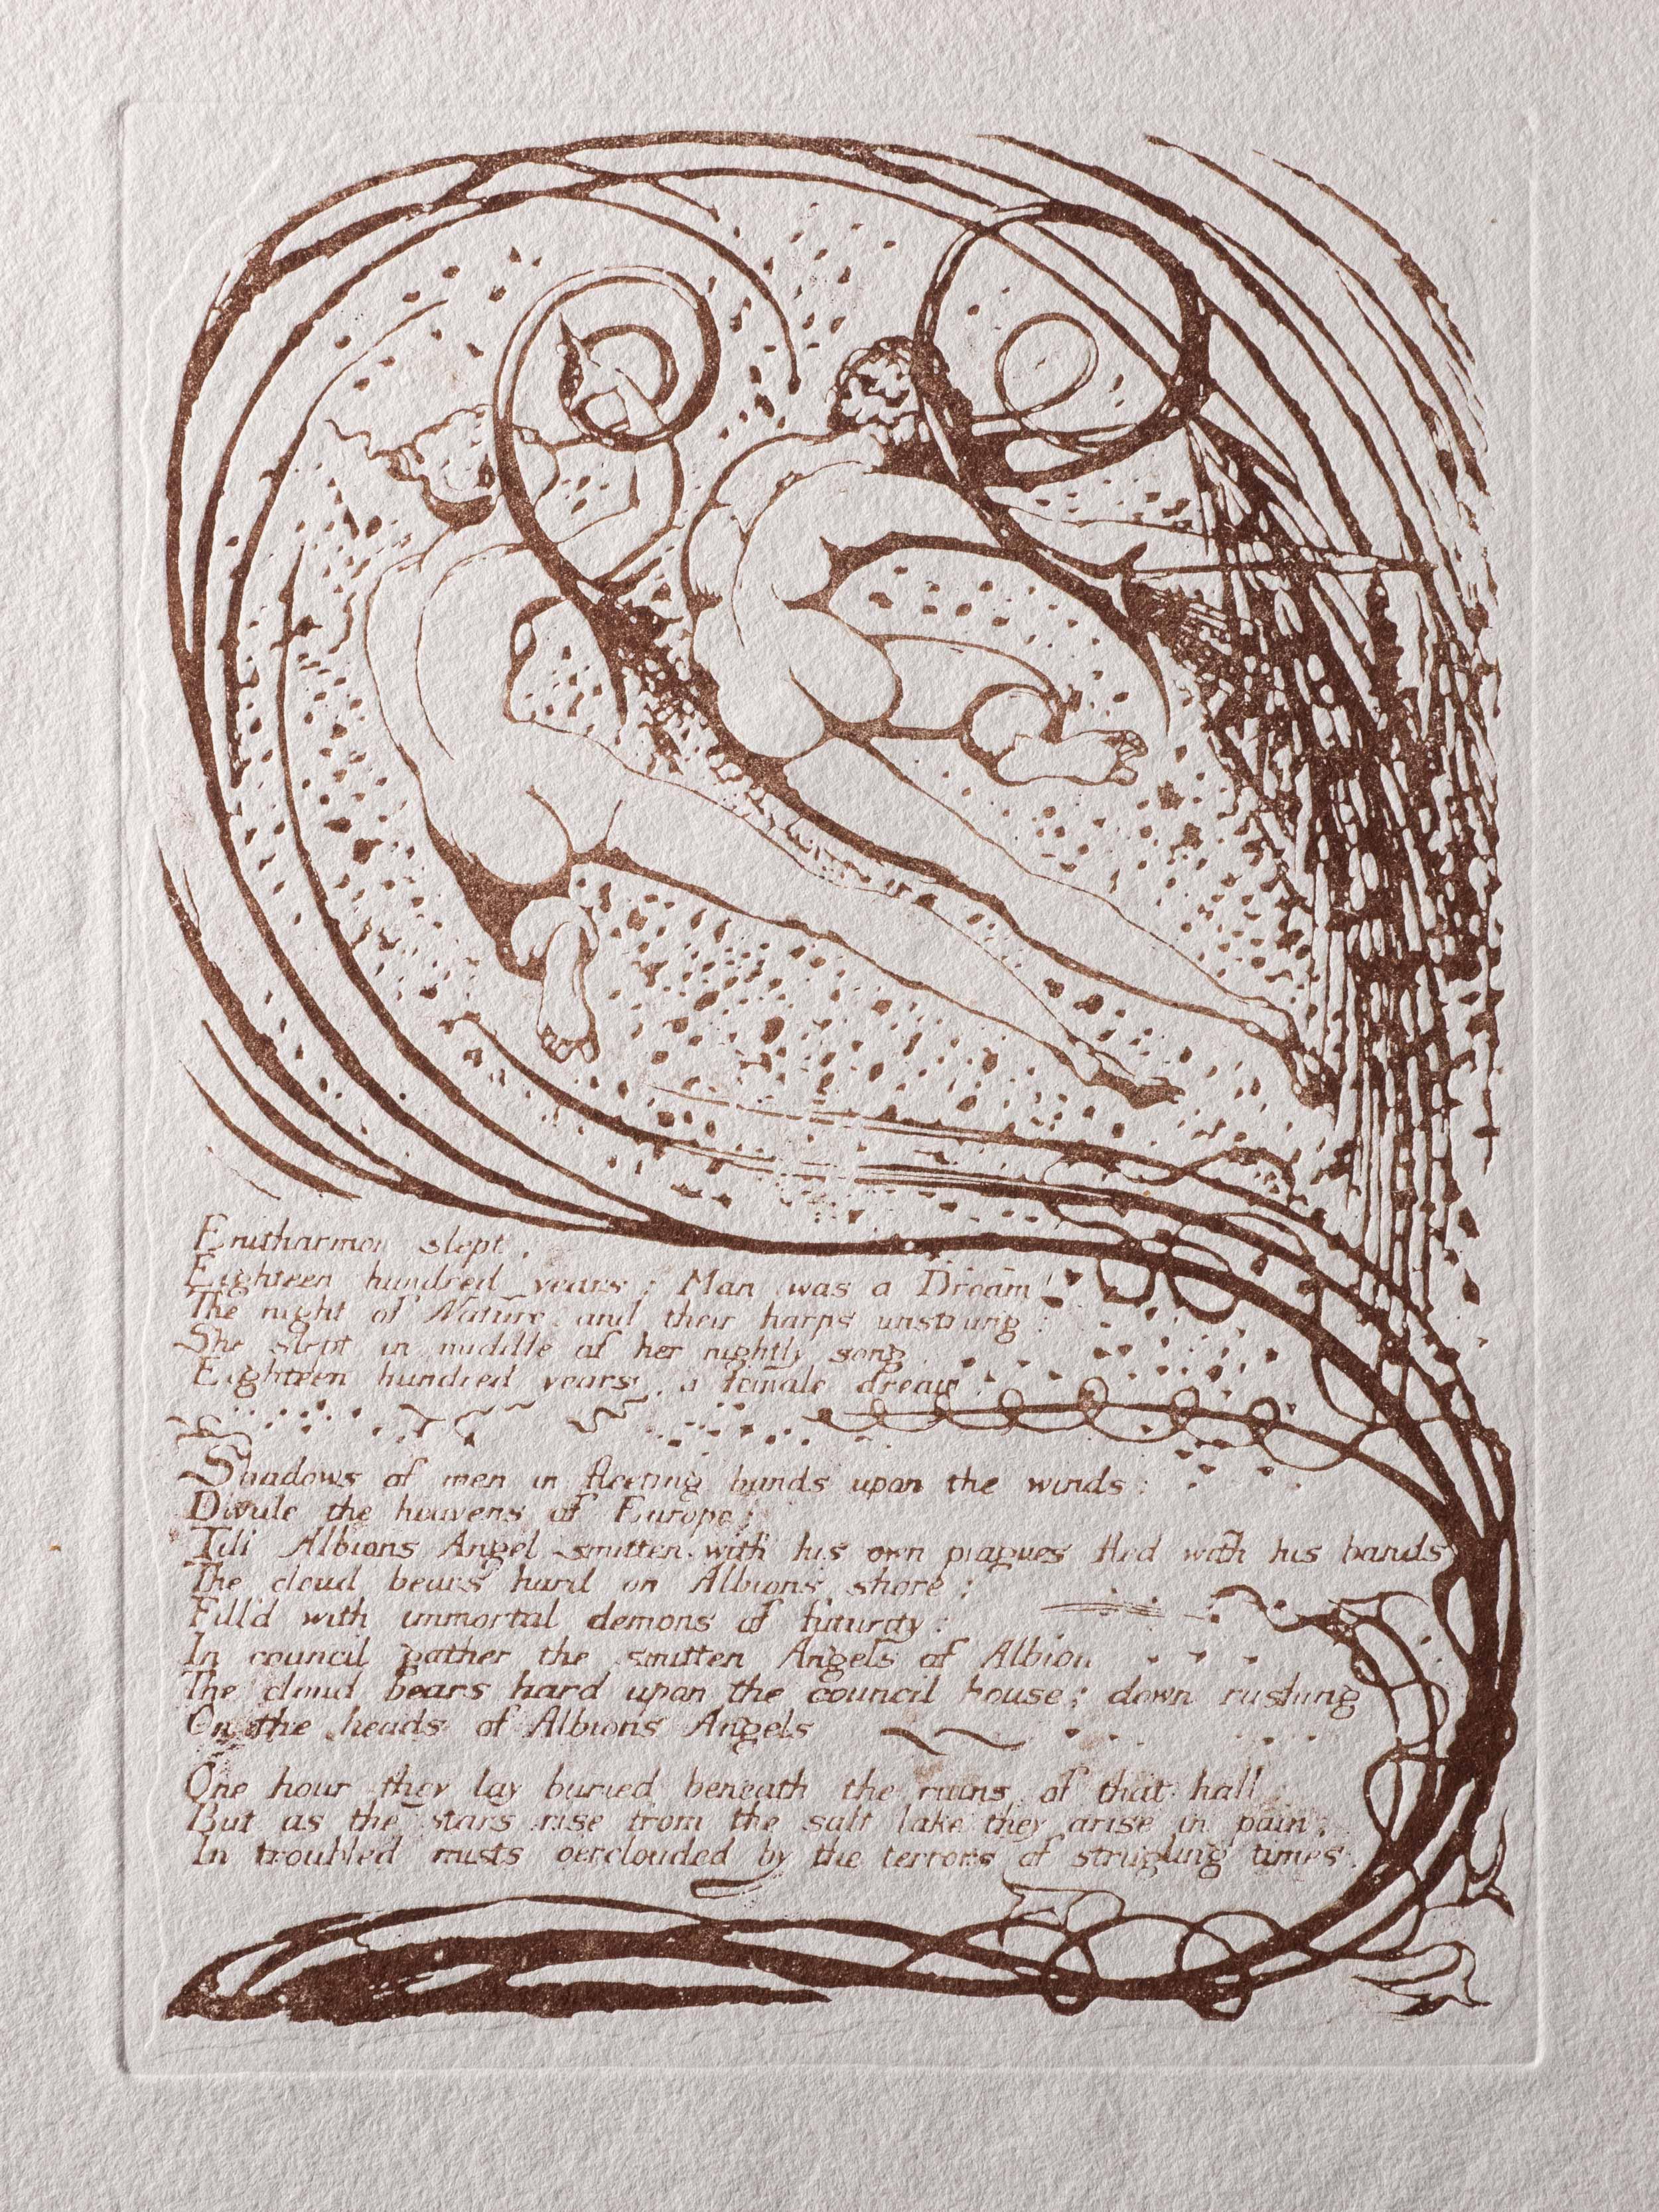 William-Blake-Europe-A-Prophecy-Enitharmon-Slept-2.jpg